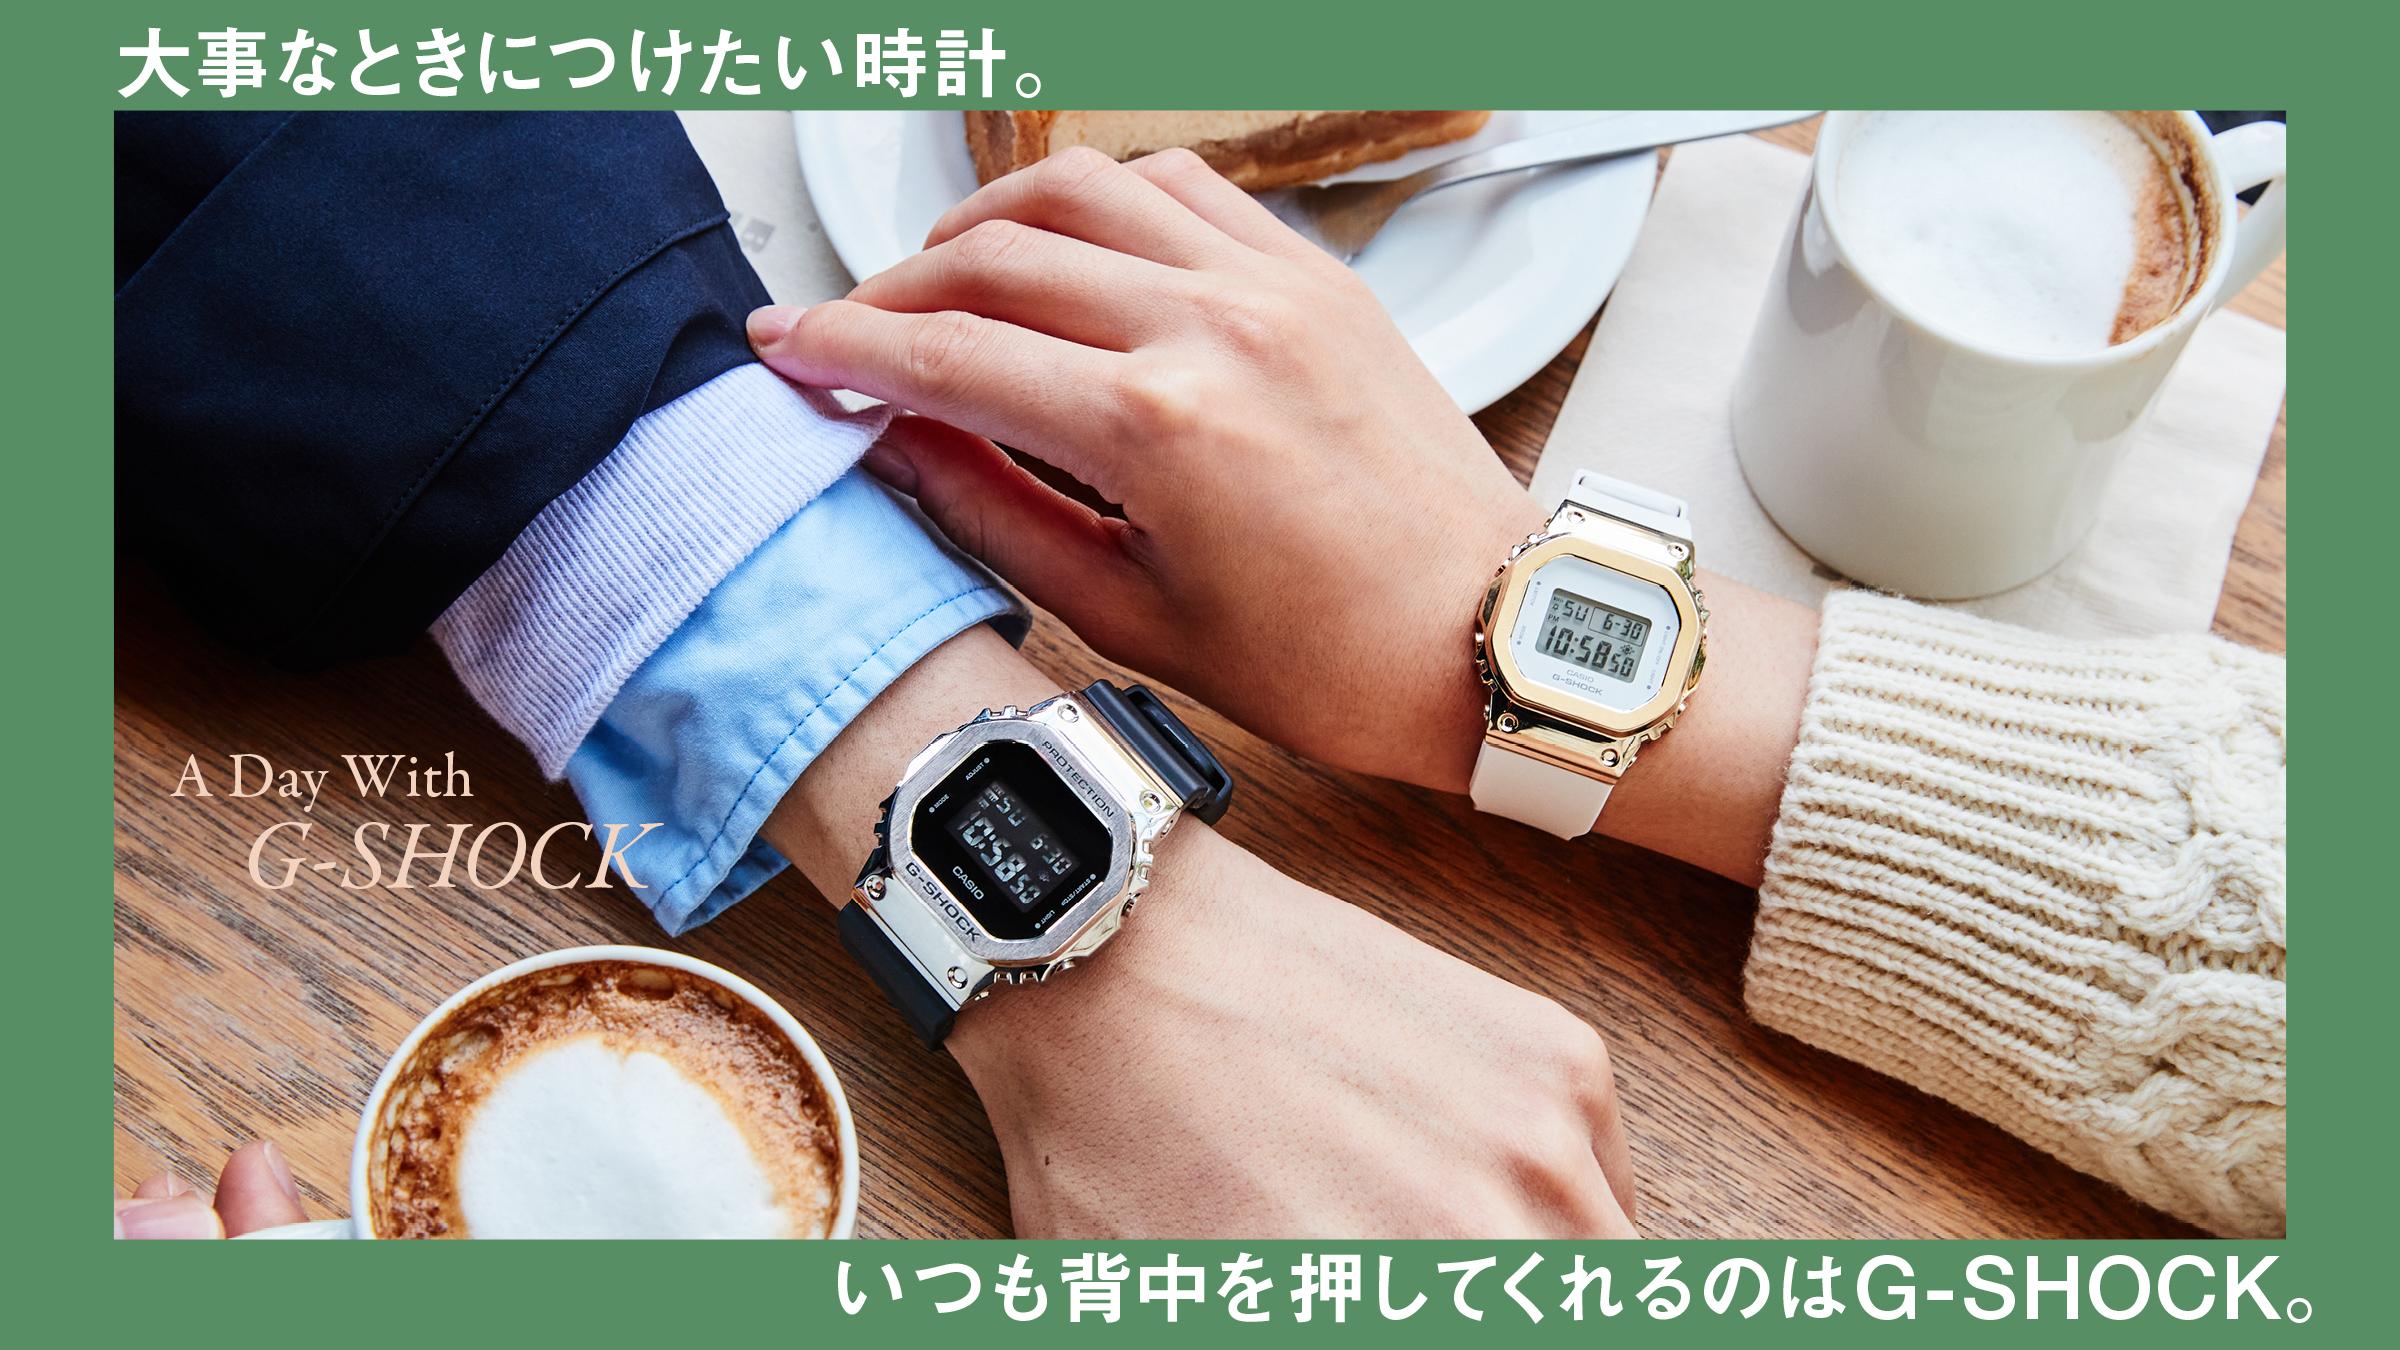 大事なときにつけたい時計。 いつも背中を押してくれるのはG-SHOCK。